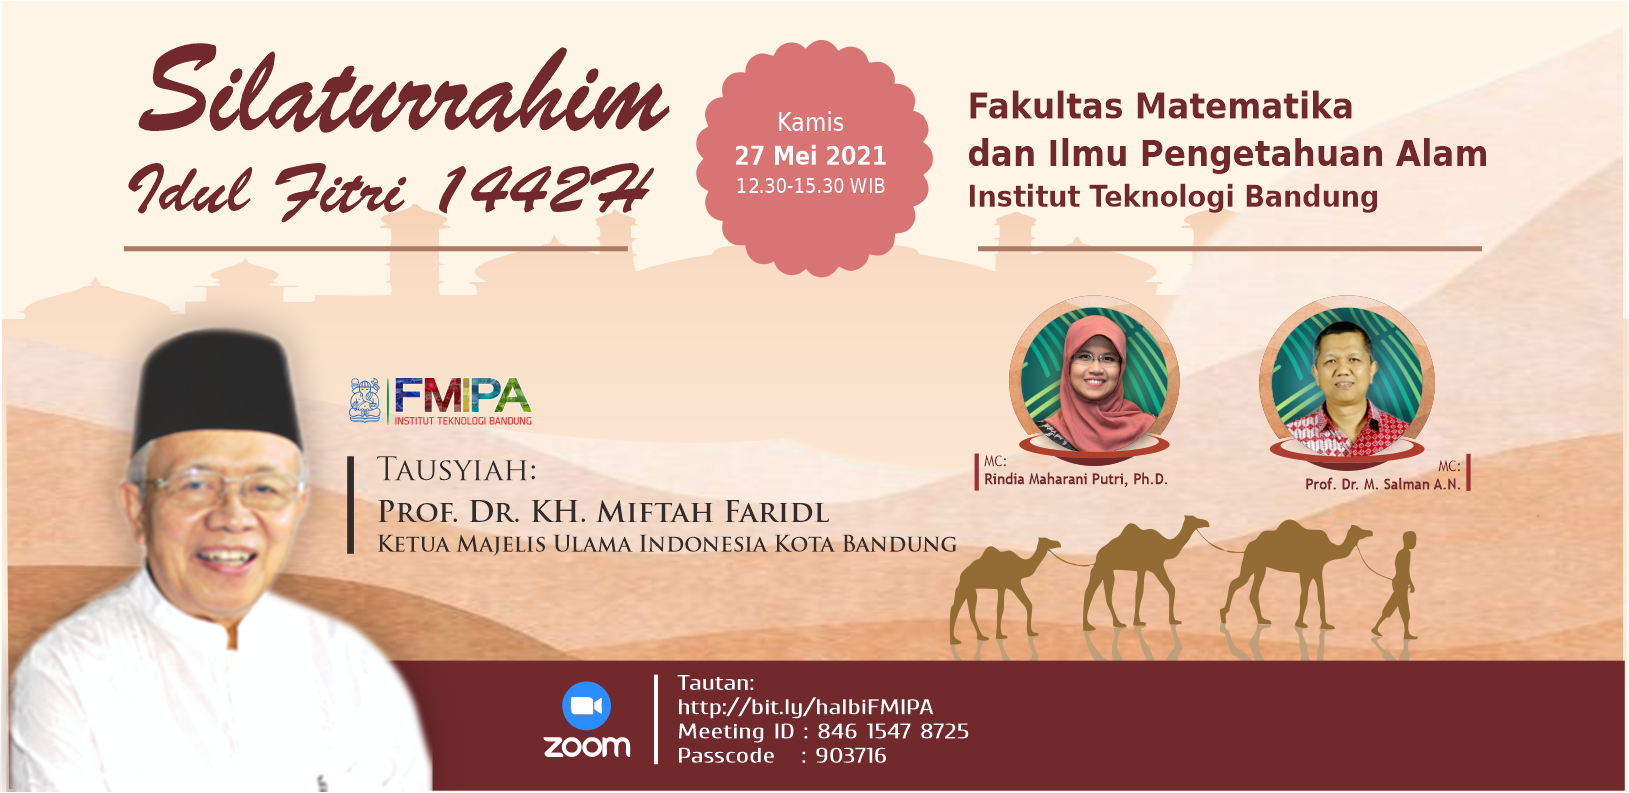 Silaturrahim Idul Fitri 1442H Keluarga Besar FMIPA ITB